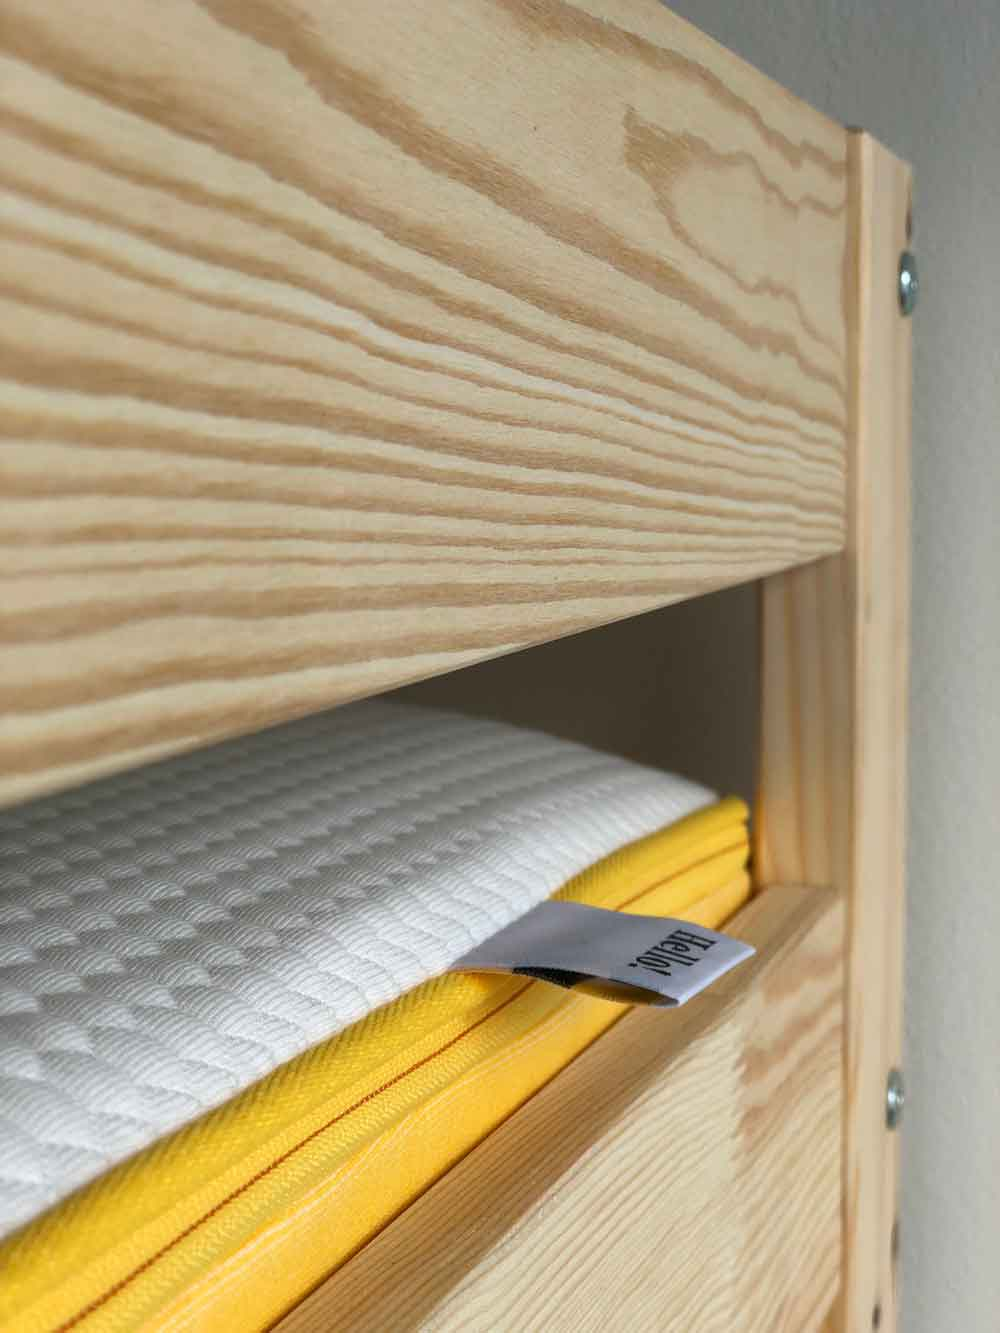 Matratze Kind eve Stockbett - DIY | ein Stockbett aus Holz einfach selber machen